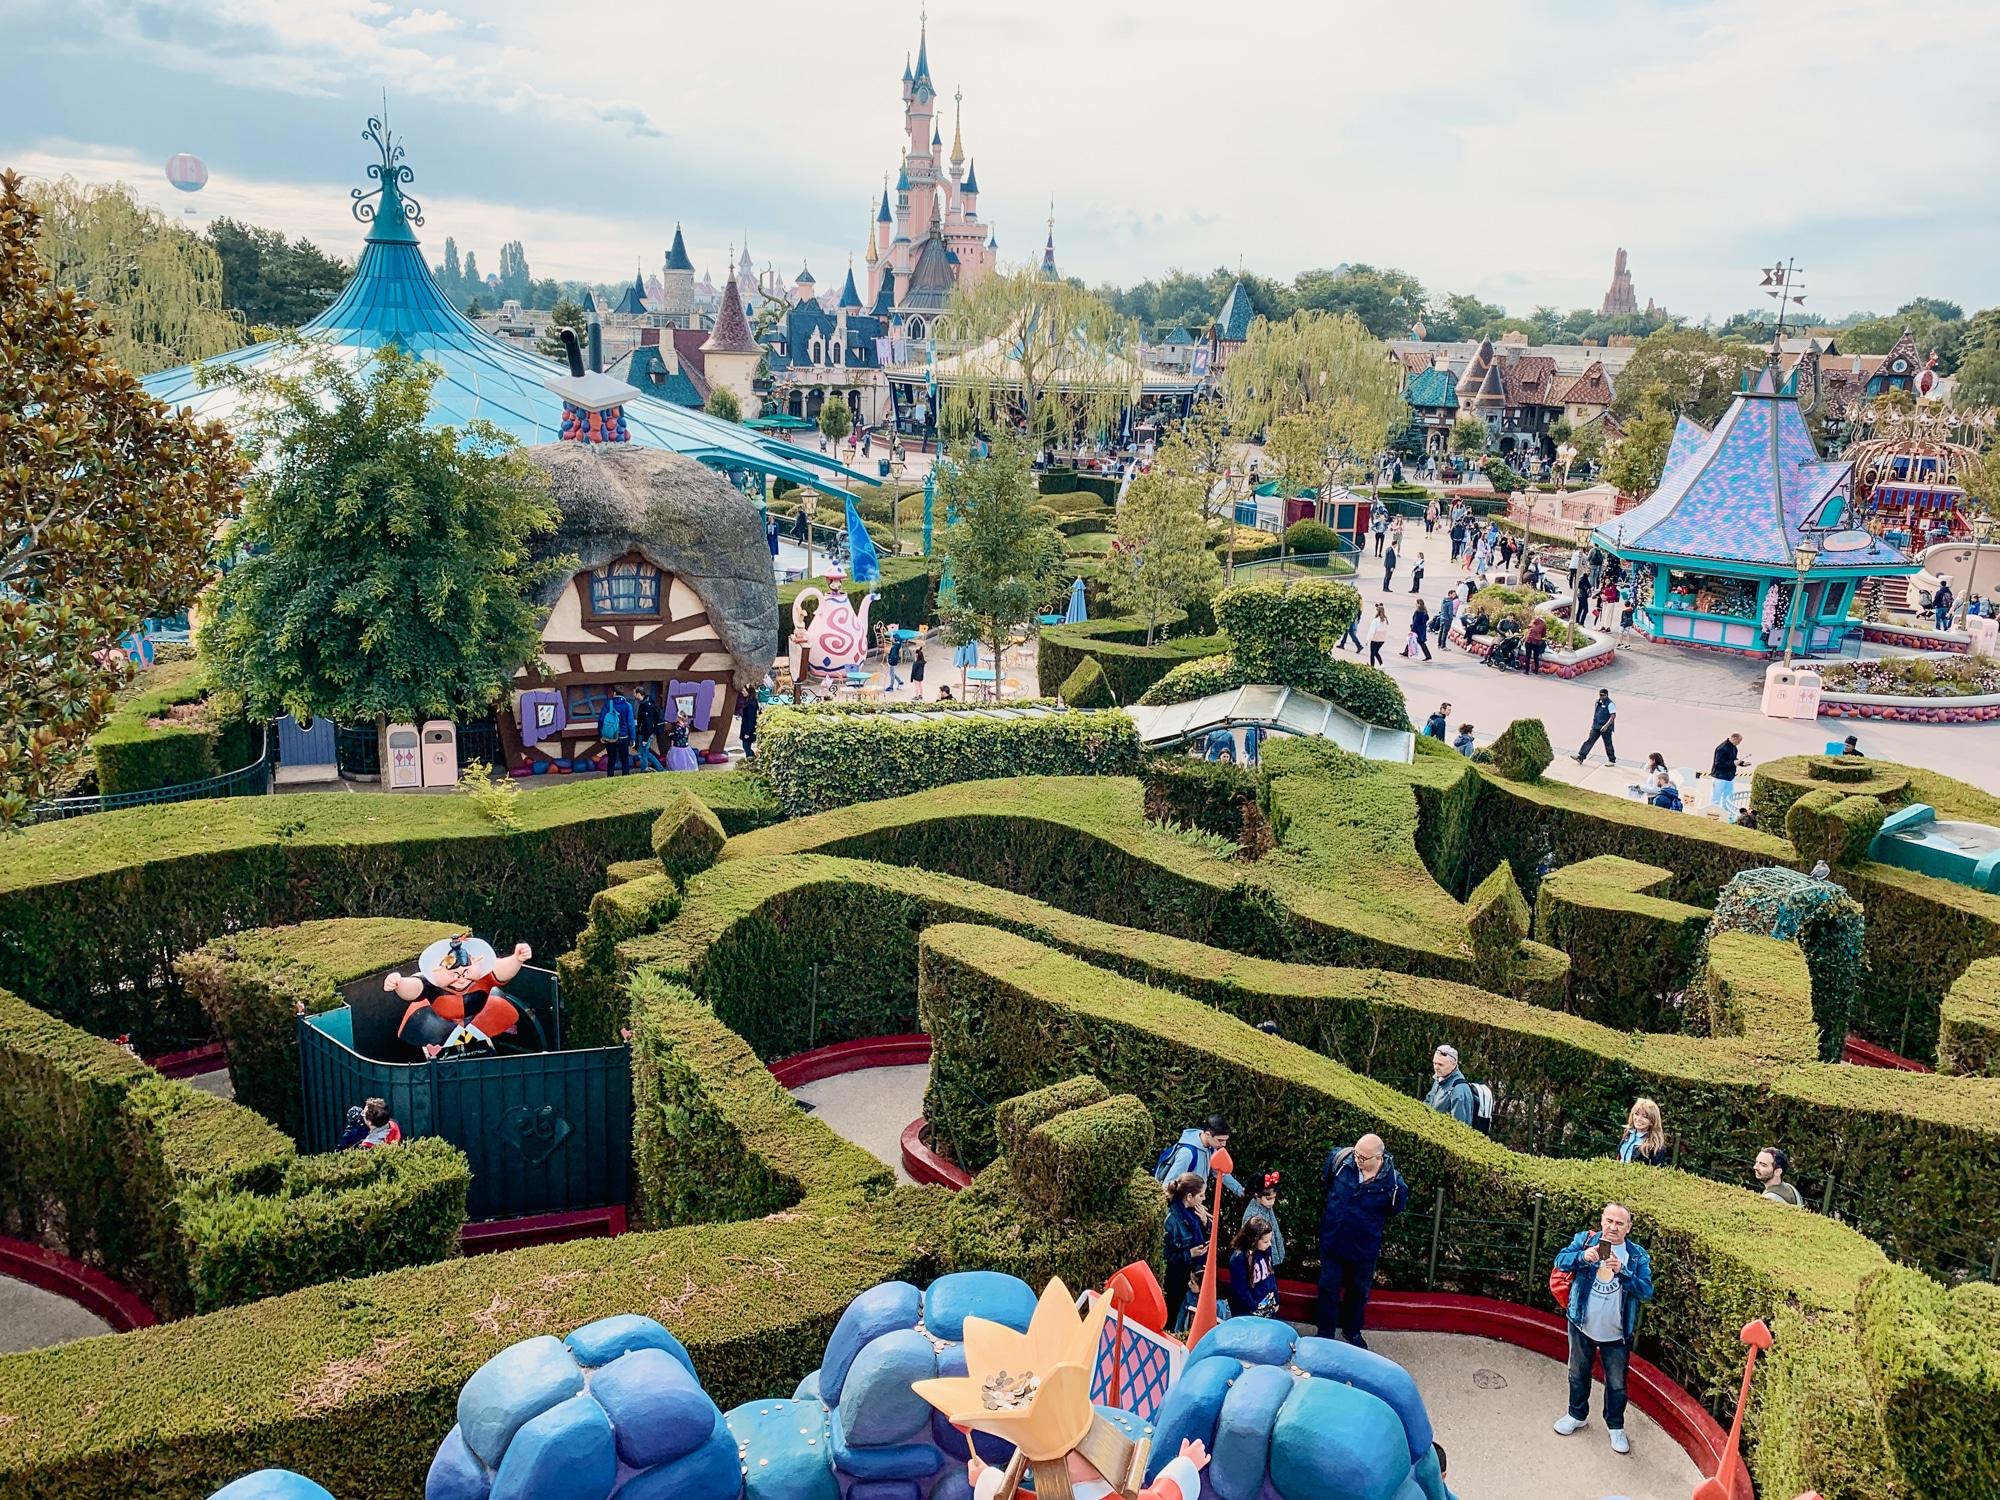 Disneyland Paris Tipps: 10 tolle Hacks für den glücklichsten Ort der Welt